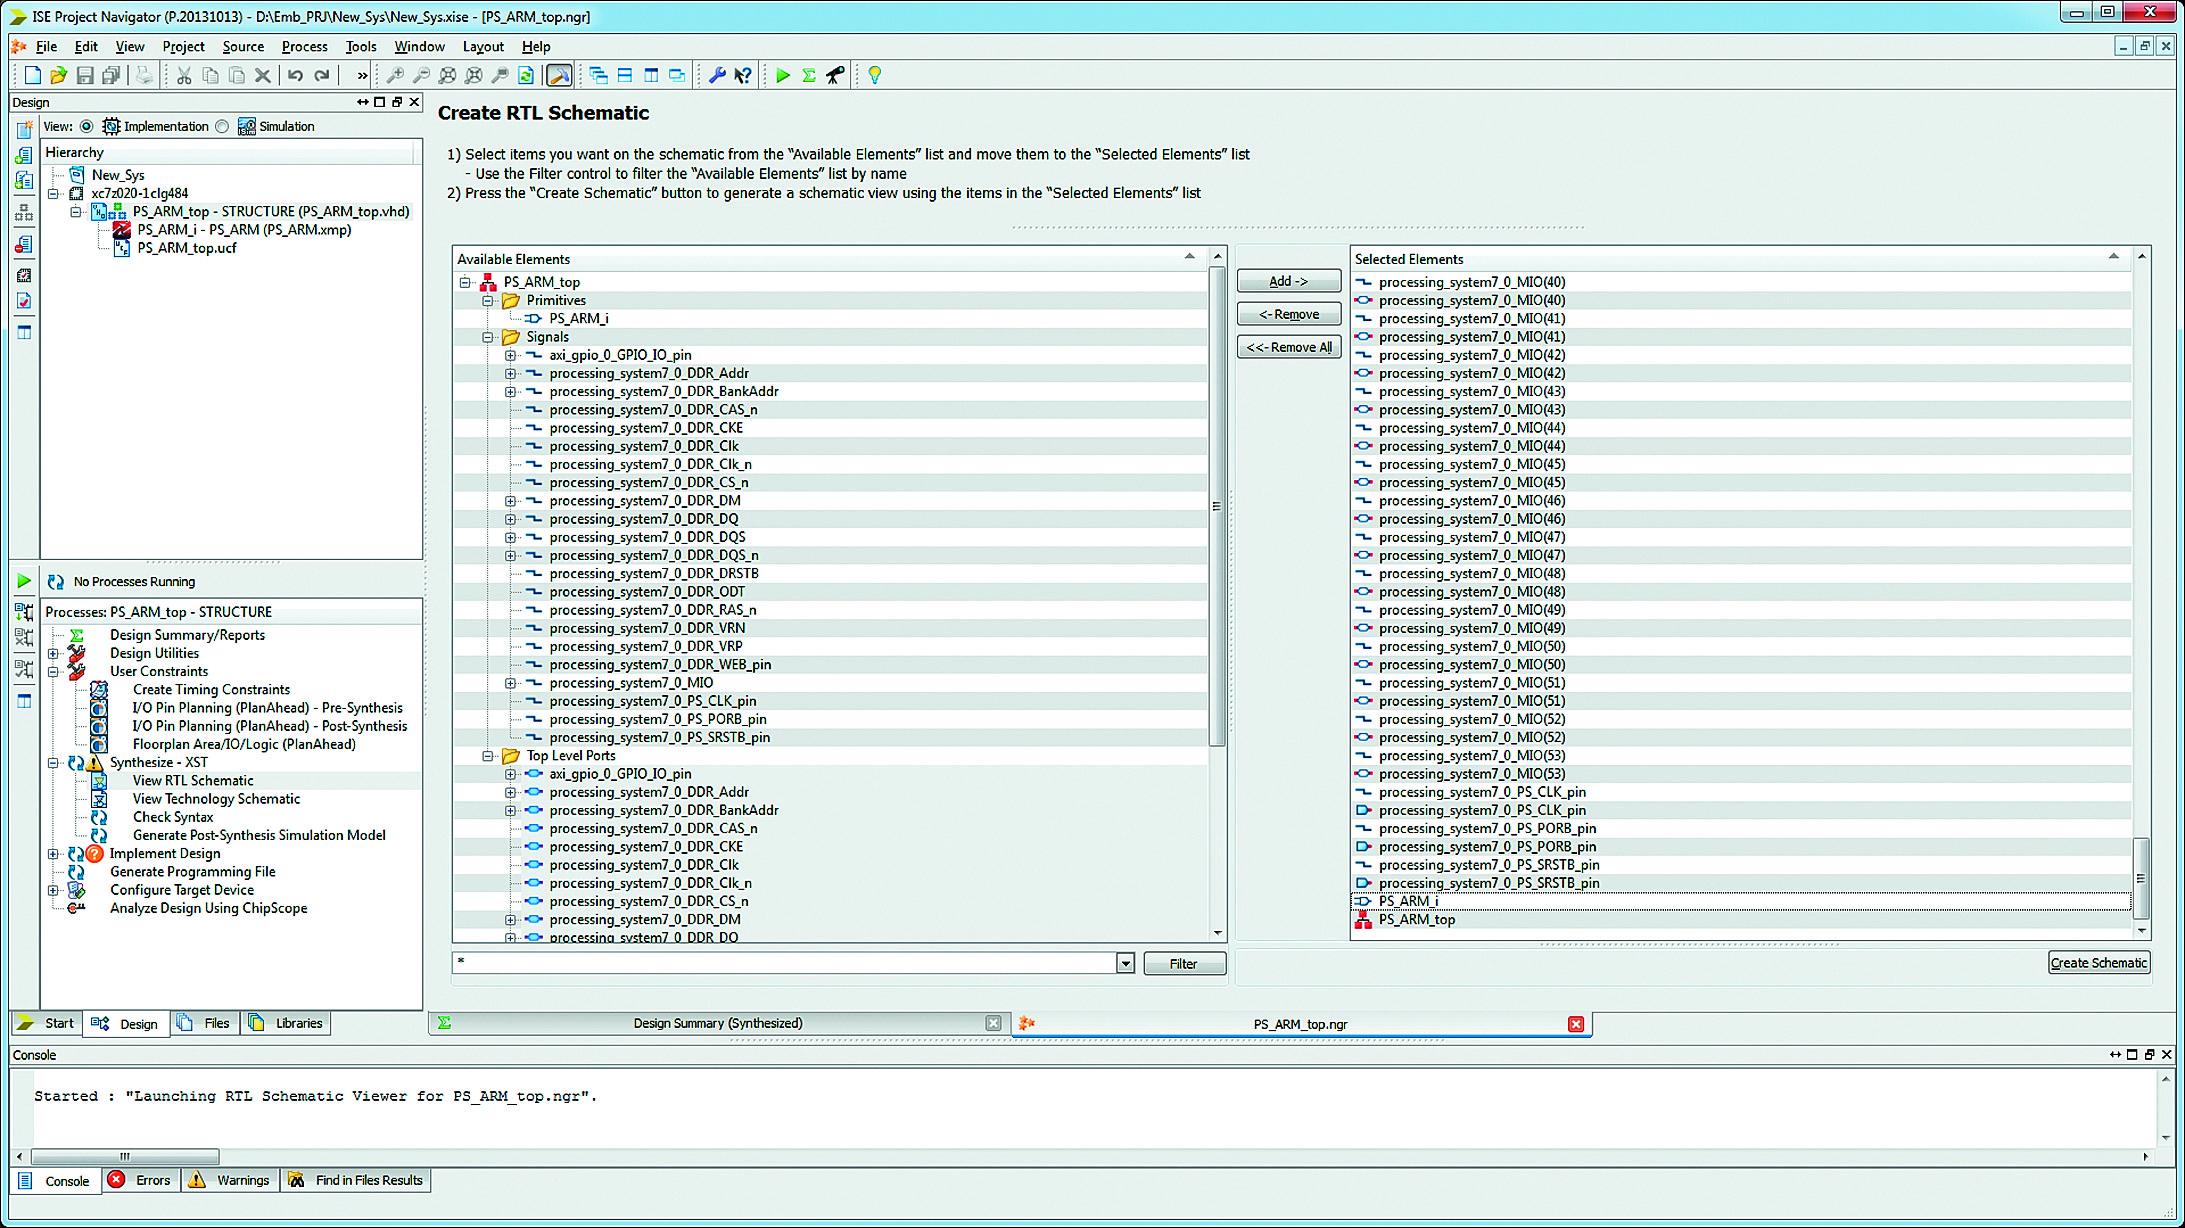 Выбор элементов, отображаемых на схеме RTL-представления синтезированного HDL-описания, с помощью «мастера» Explorer Wizard